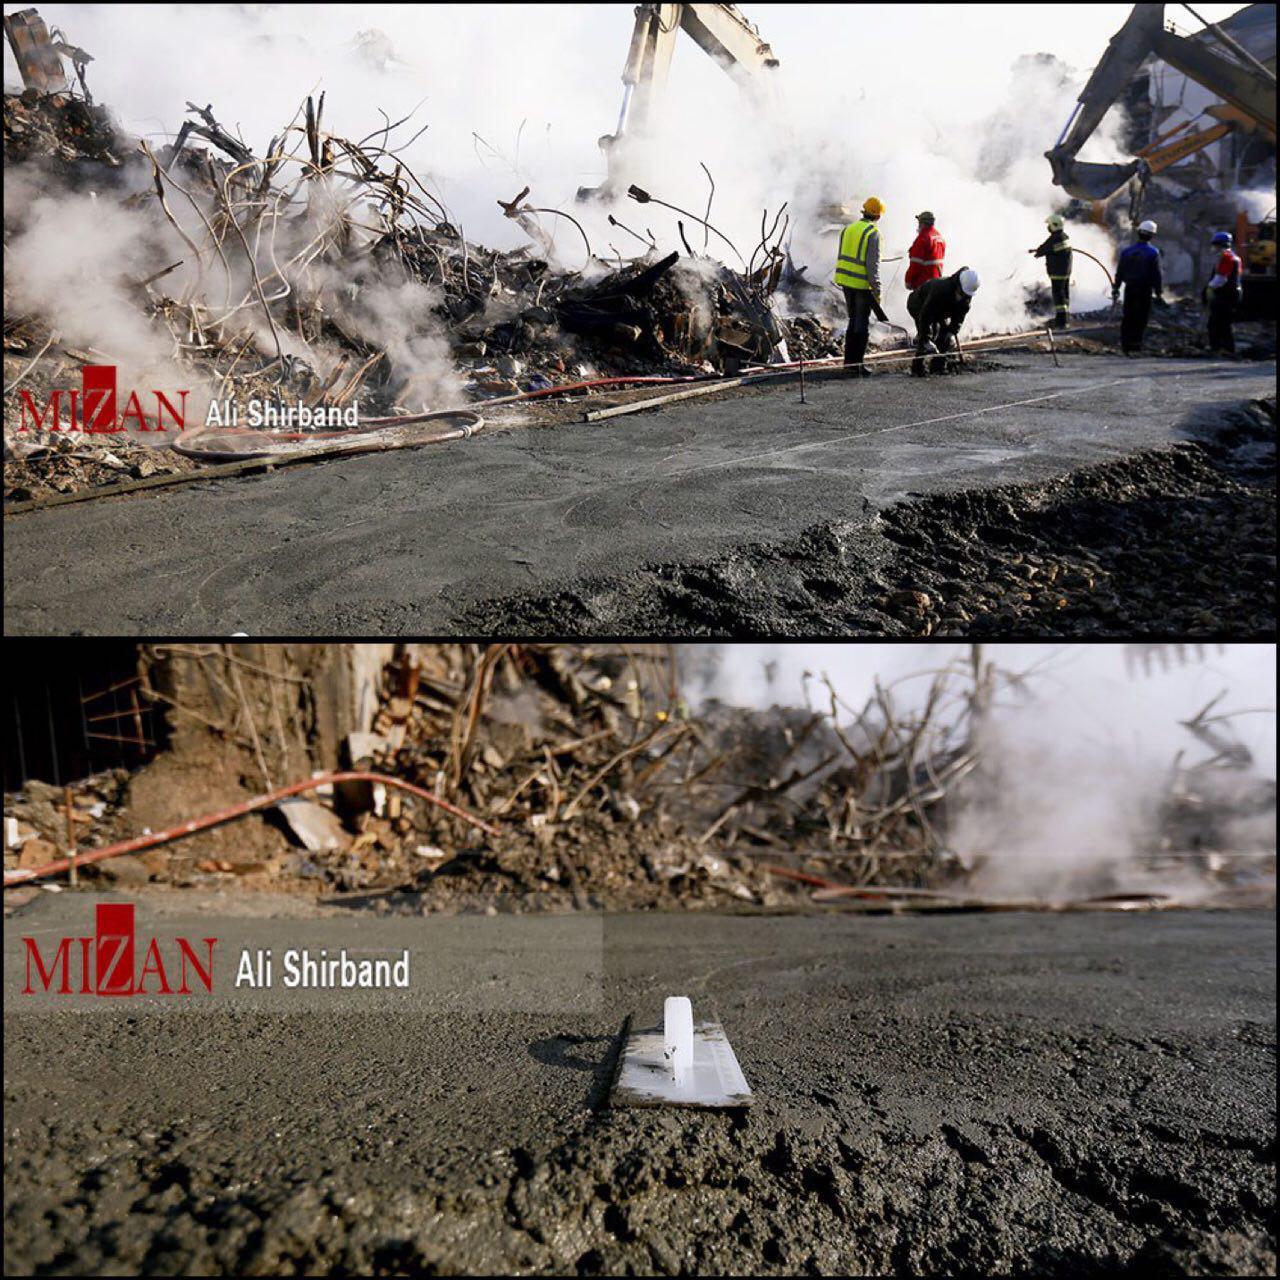 آخرین اخبار حادثه پلاسکو + عکس و فیلم